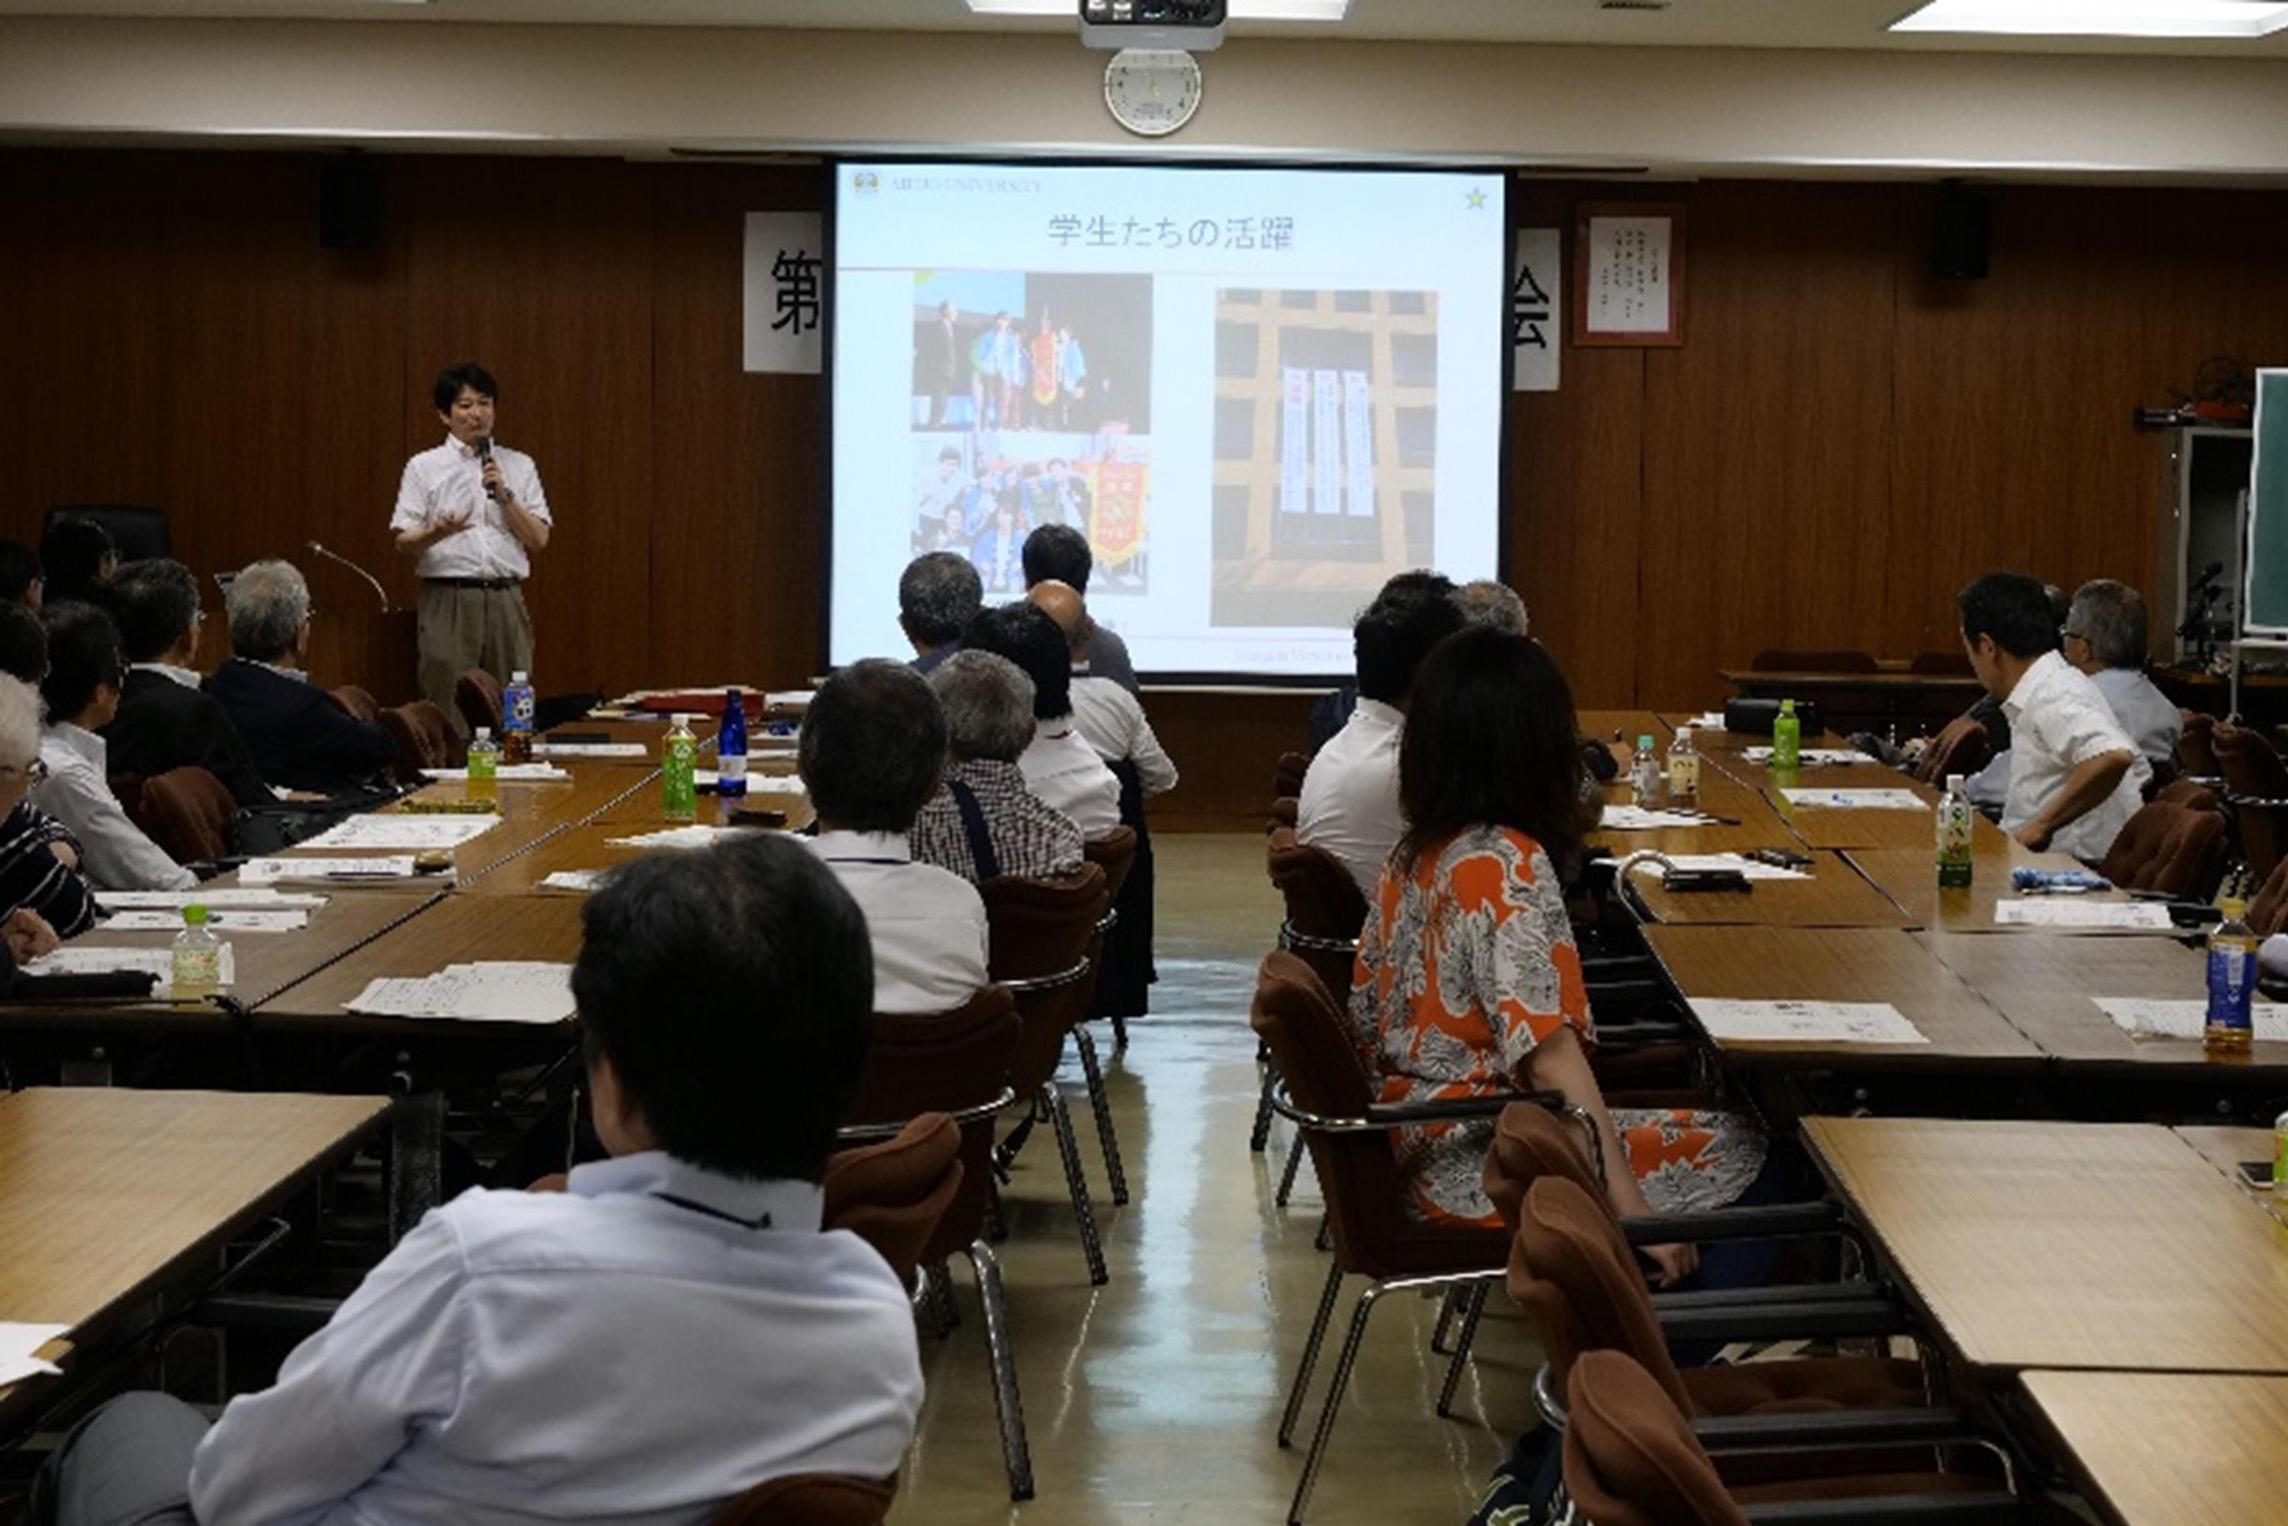 柳田先生による特別講演会の様子